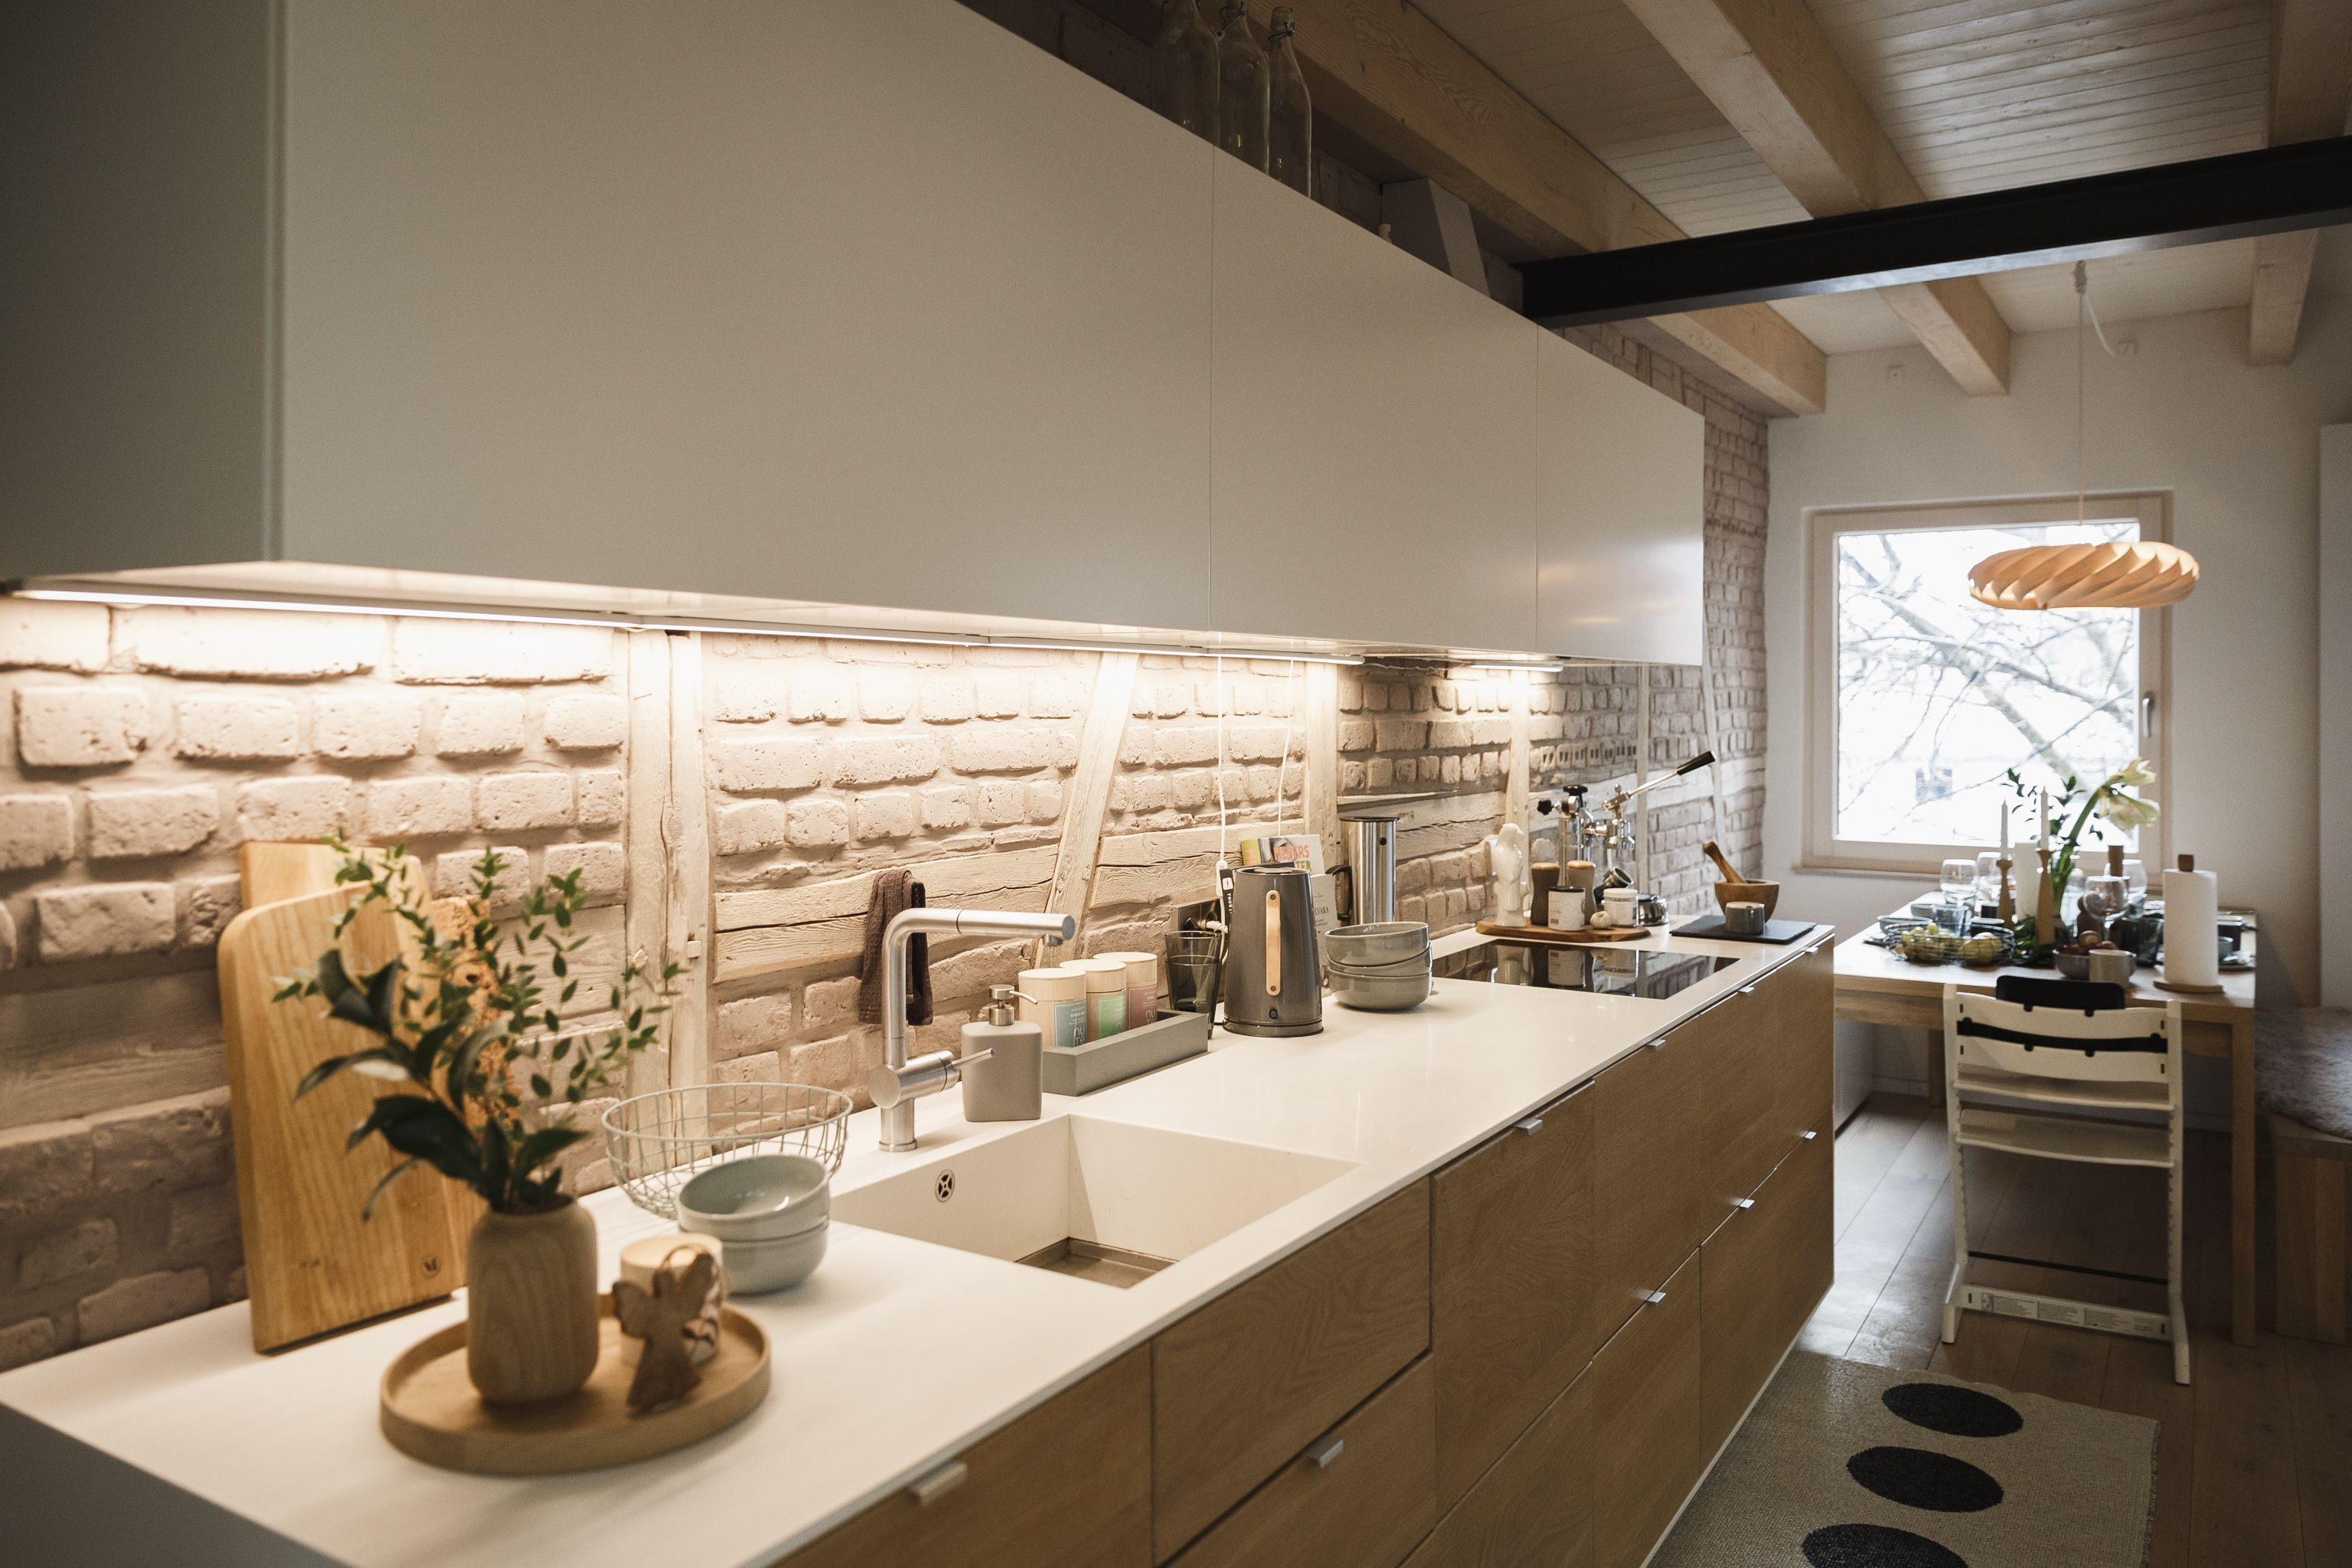 Küchentraum küchentraum aus eichenholz interieur küchen mit holz